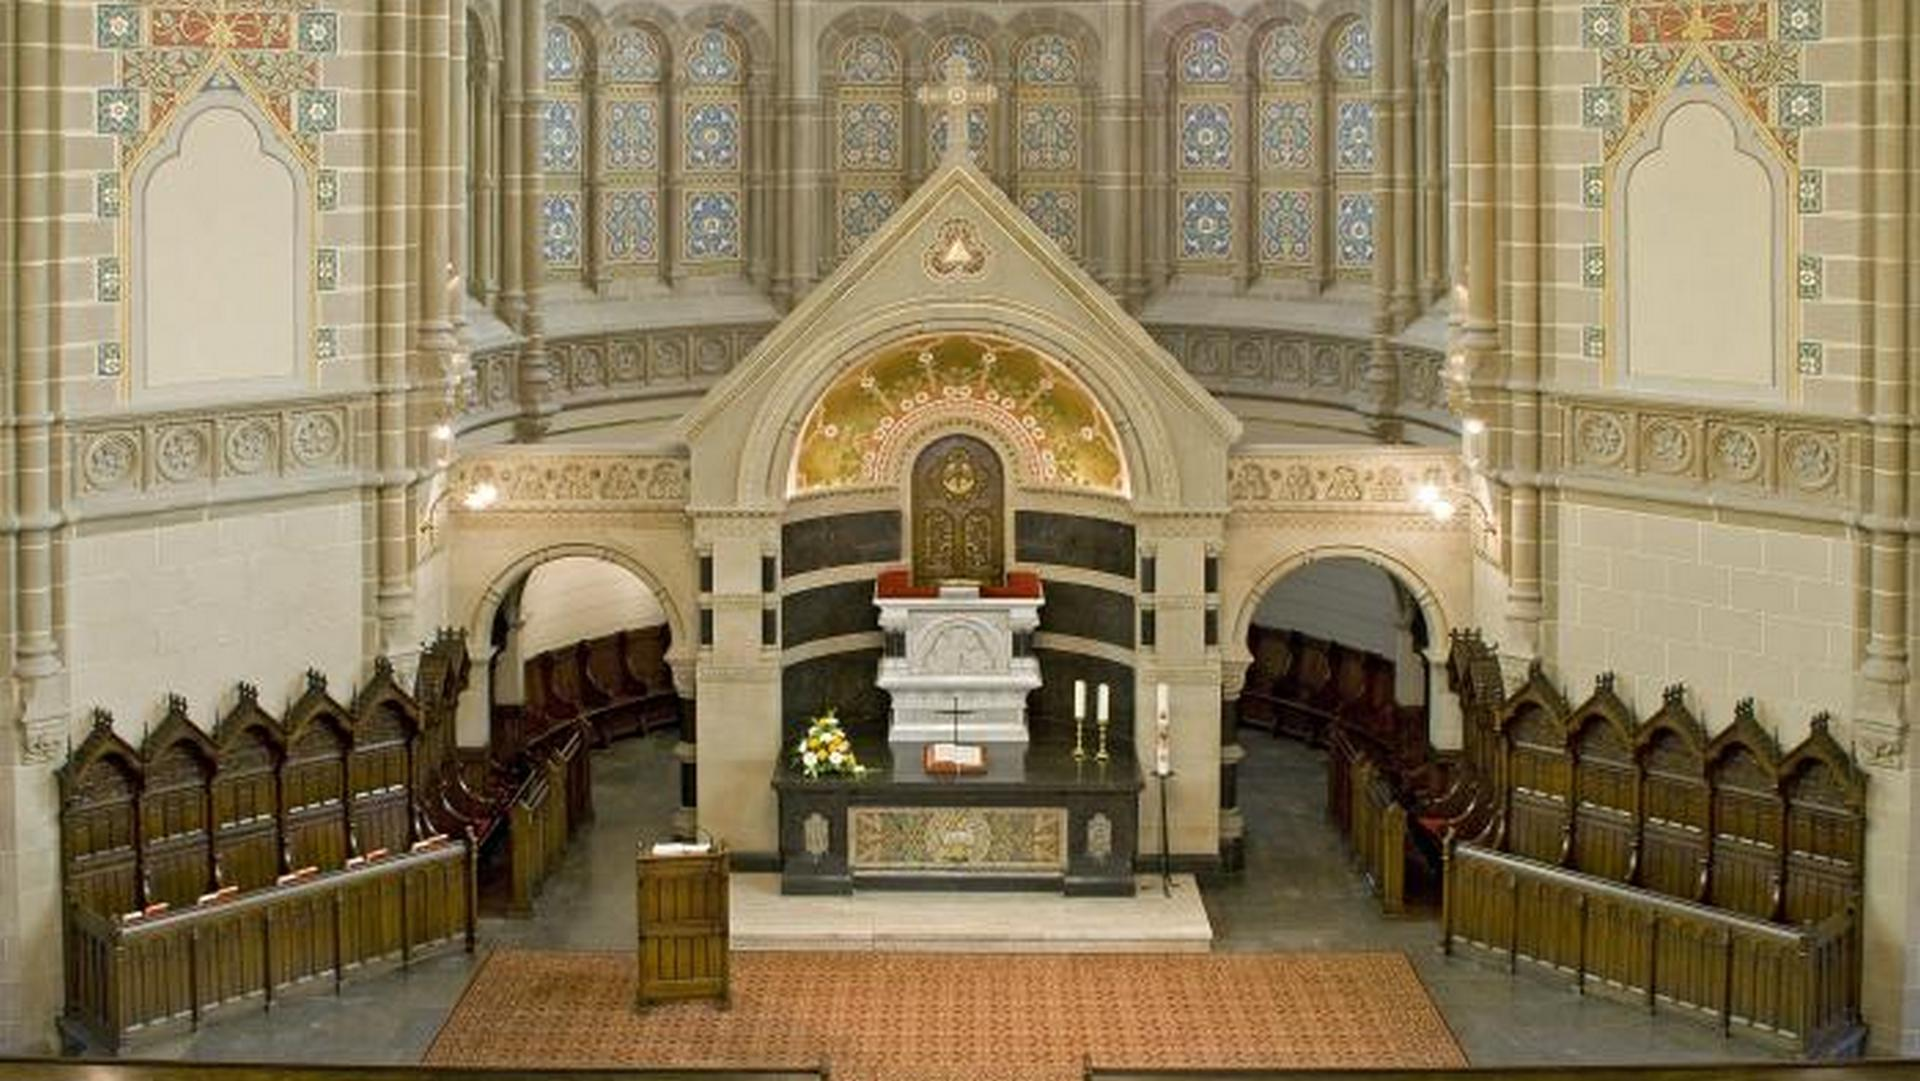 Rheydt's main evangelical church